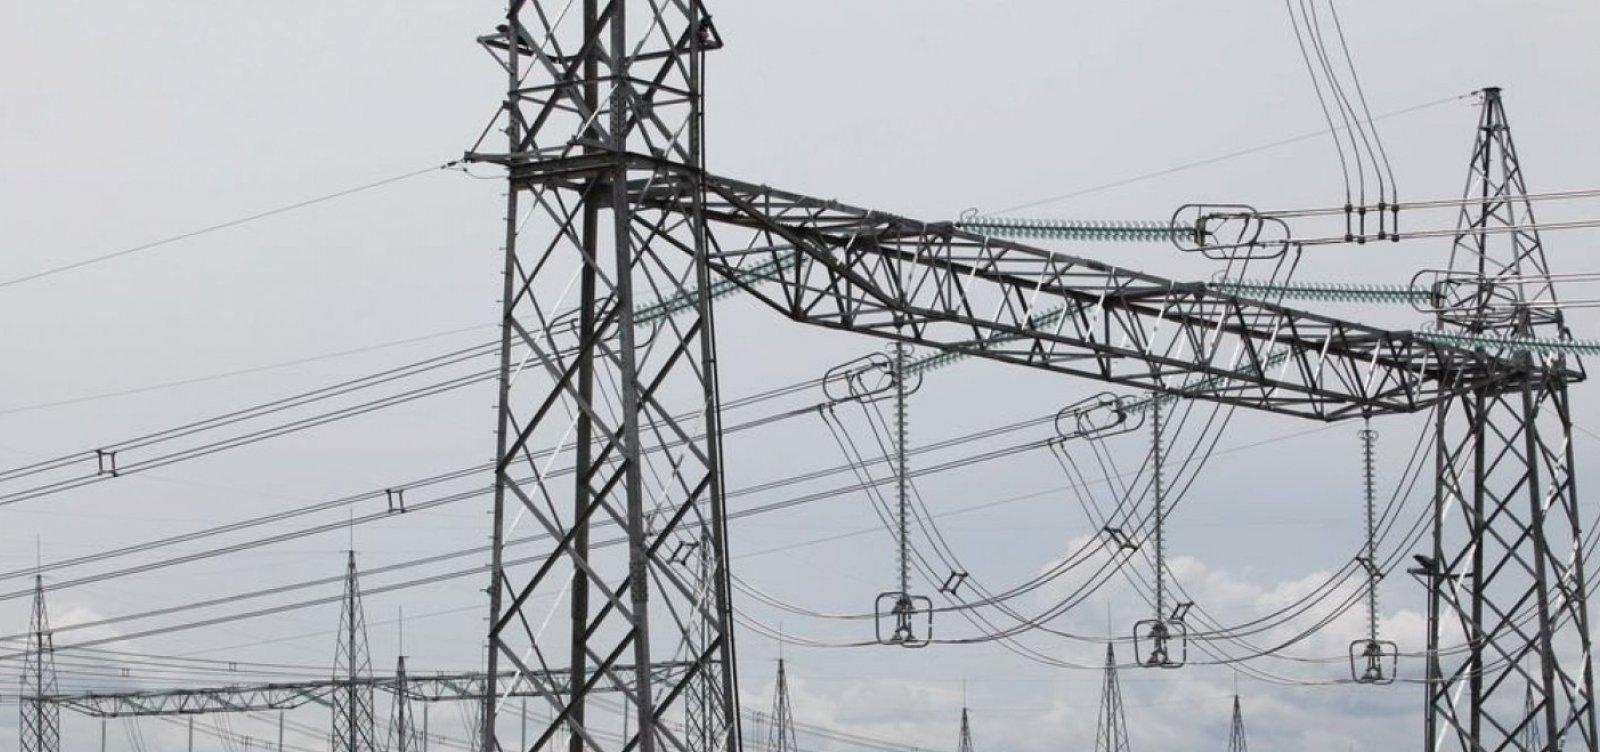 Governo ingora desde 2010 alertas do TCU sobre falhas no sistema elétrico